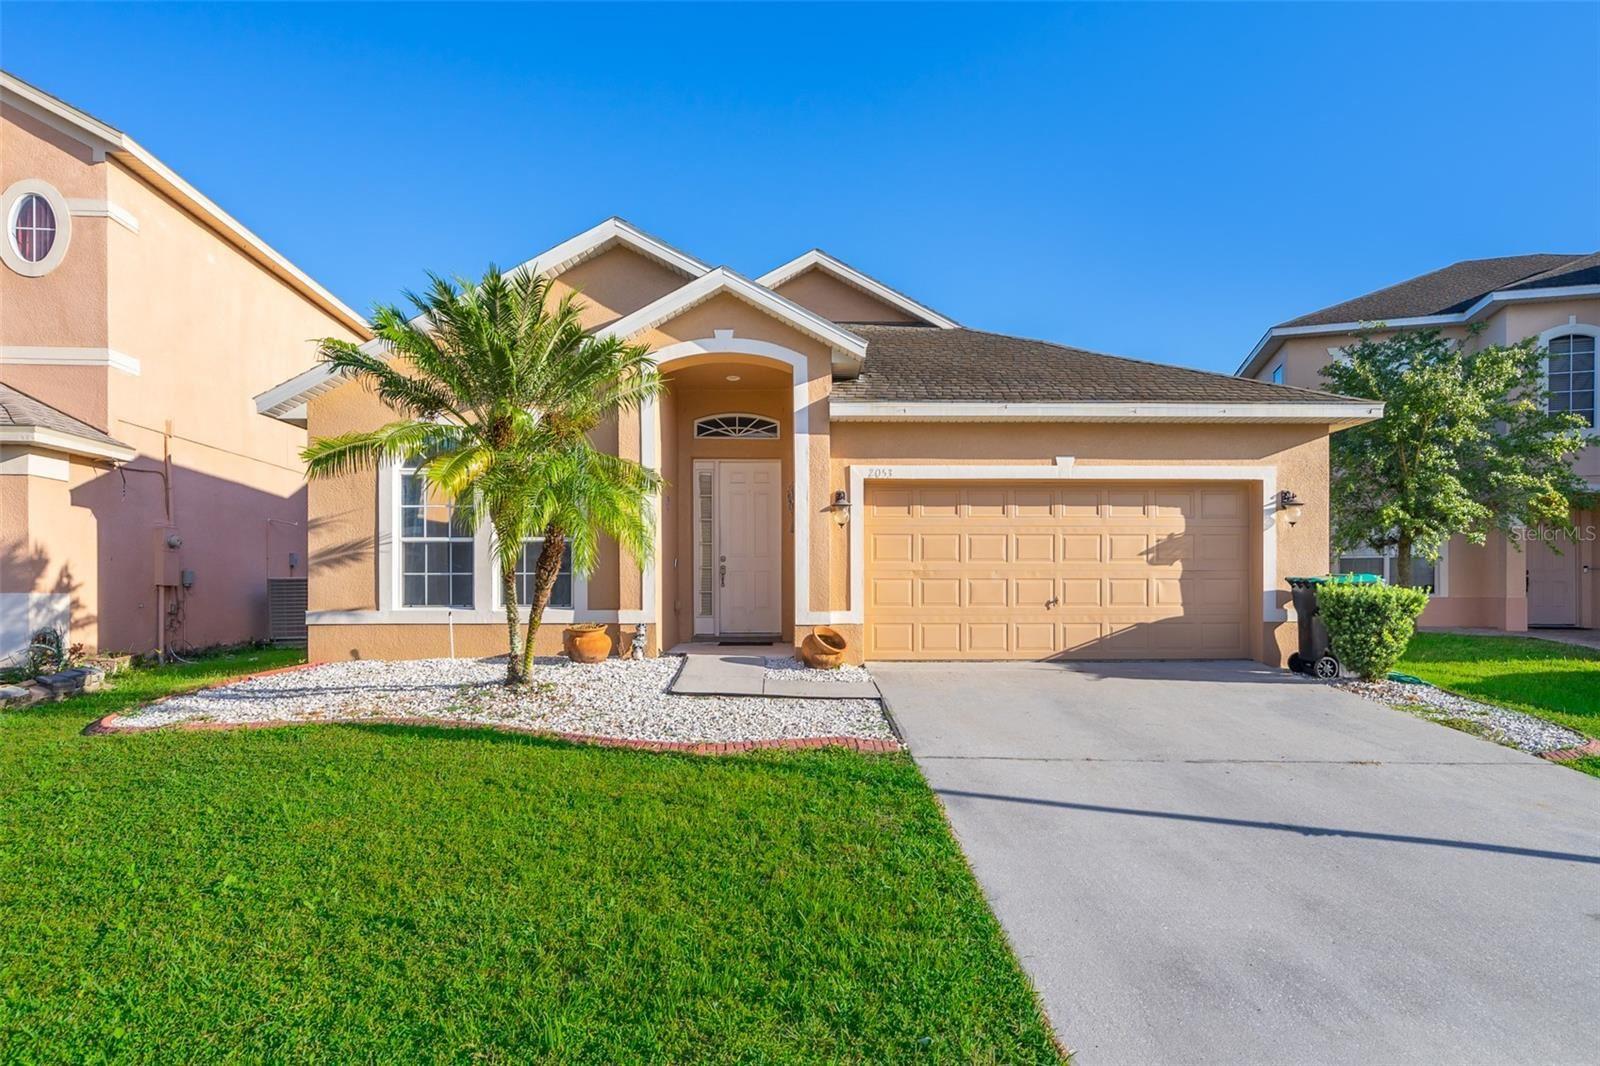 2053 CEDAR GARDEN DRIVE, Orlando, FL 32824 - #: O5979897